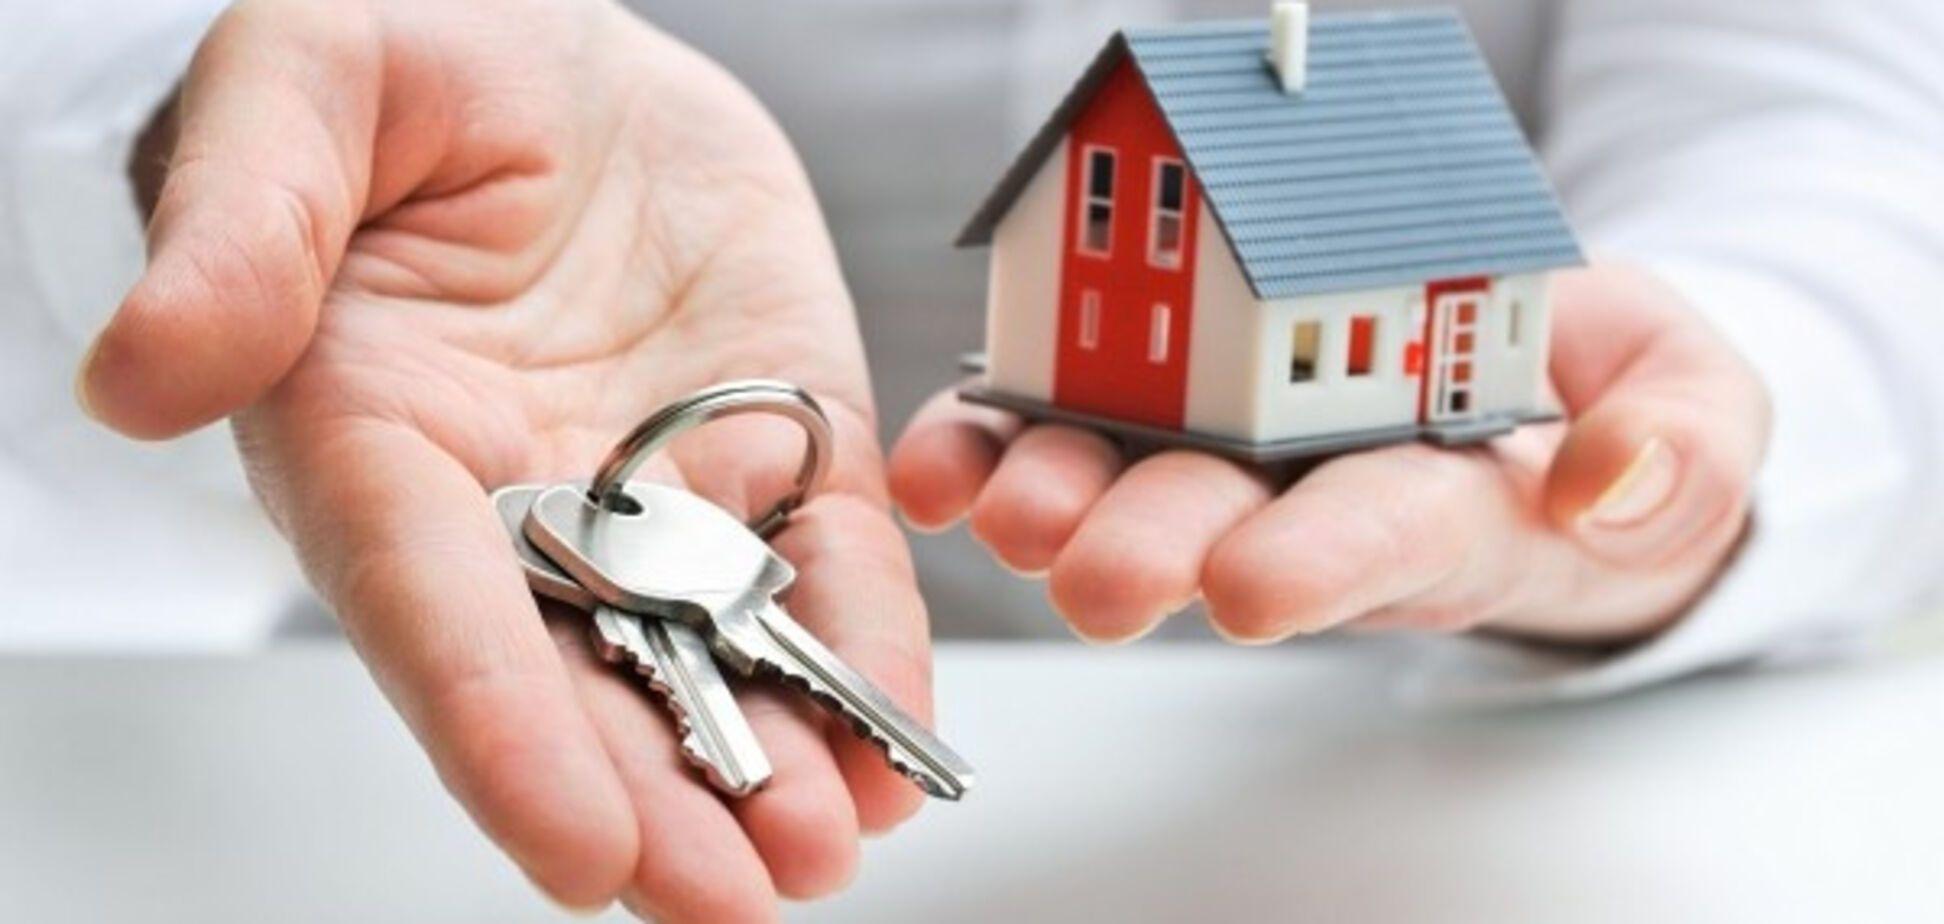 Долги за комуслуги: когда у украинцев начнут забирать квартиры